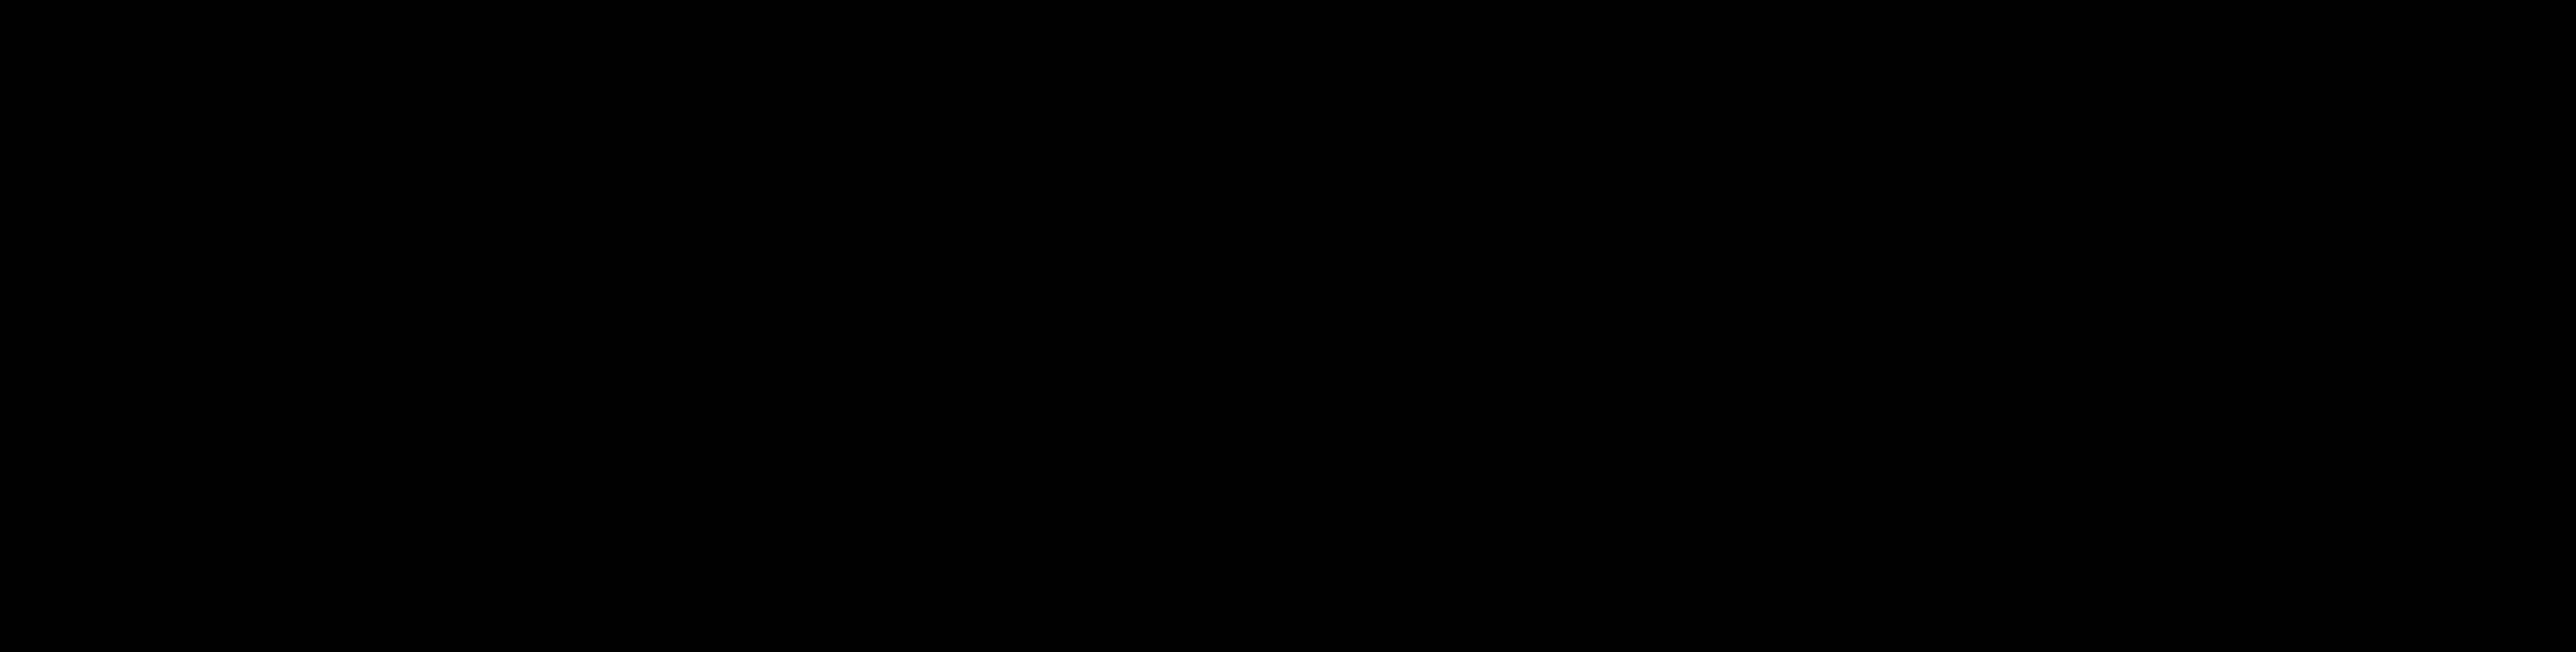 Resnumerica